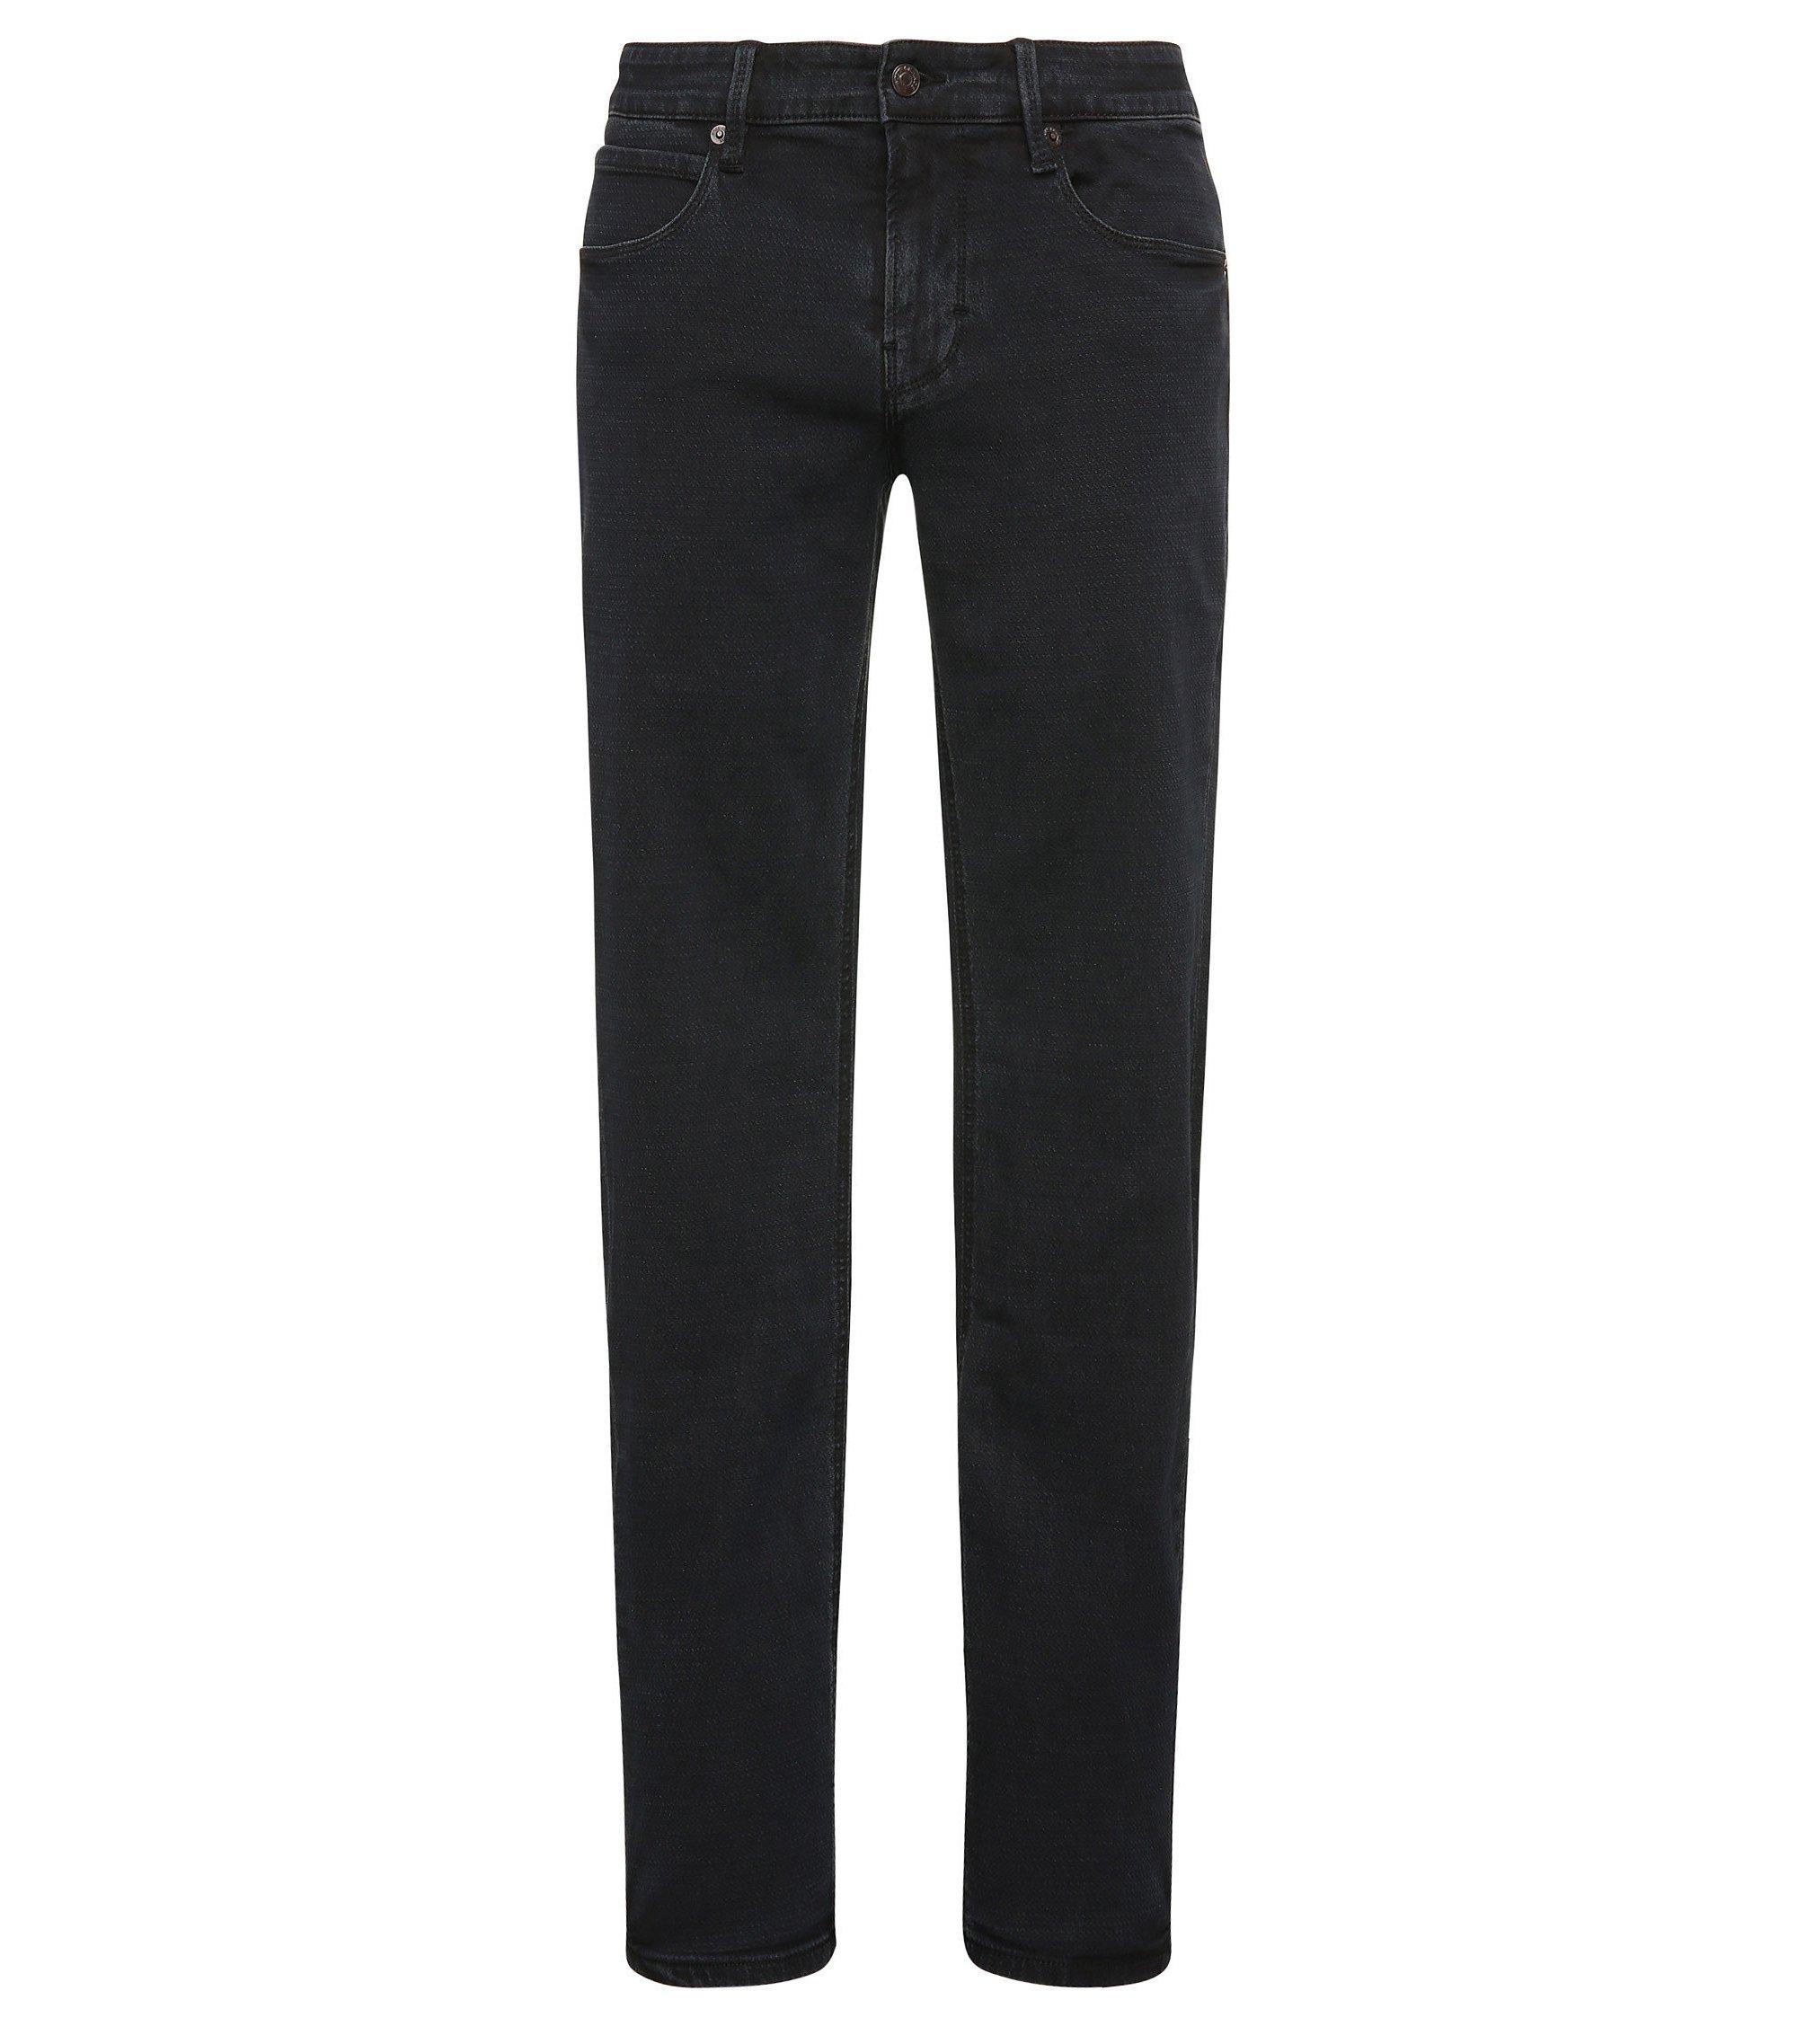 Stretch Cotton Blend Jean, Slim Leg | Orange63, Dark Blue